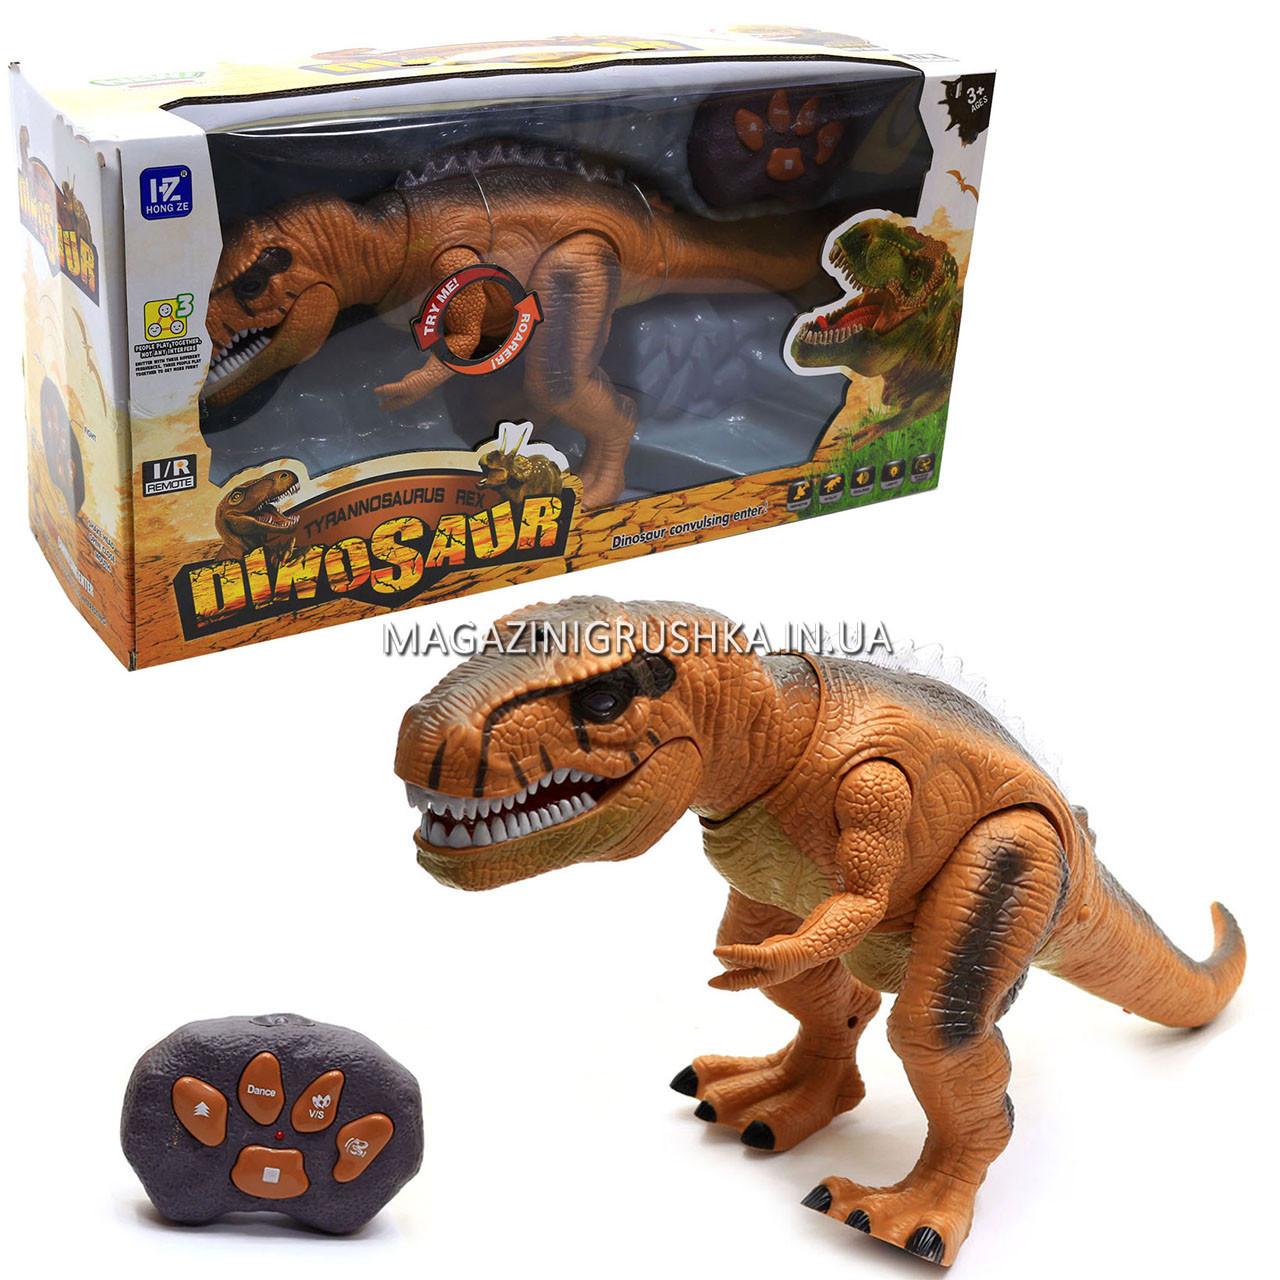 Динозавр игрушечный «Тираннозавр» на радиоуправлении (звук, свет) арт. F161/352 - 2 цвета Коричневый